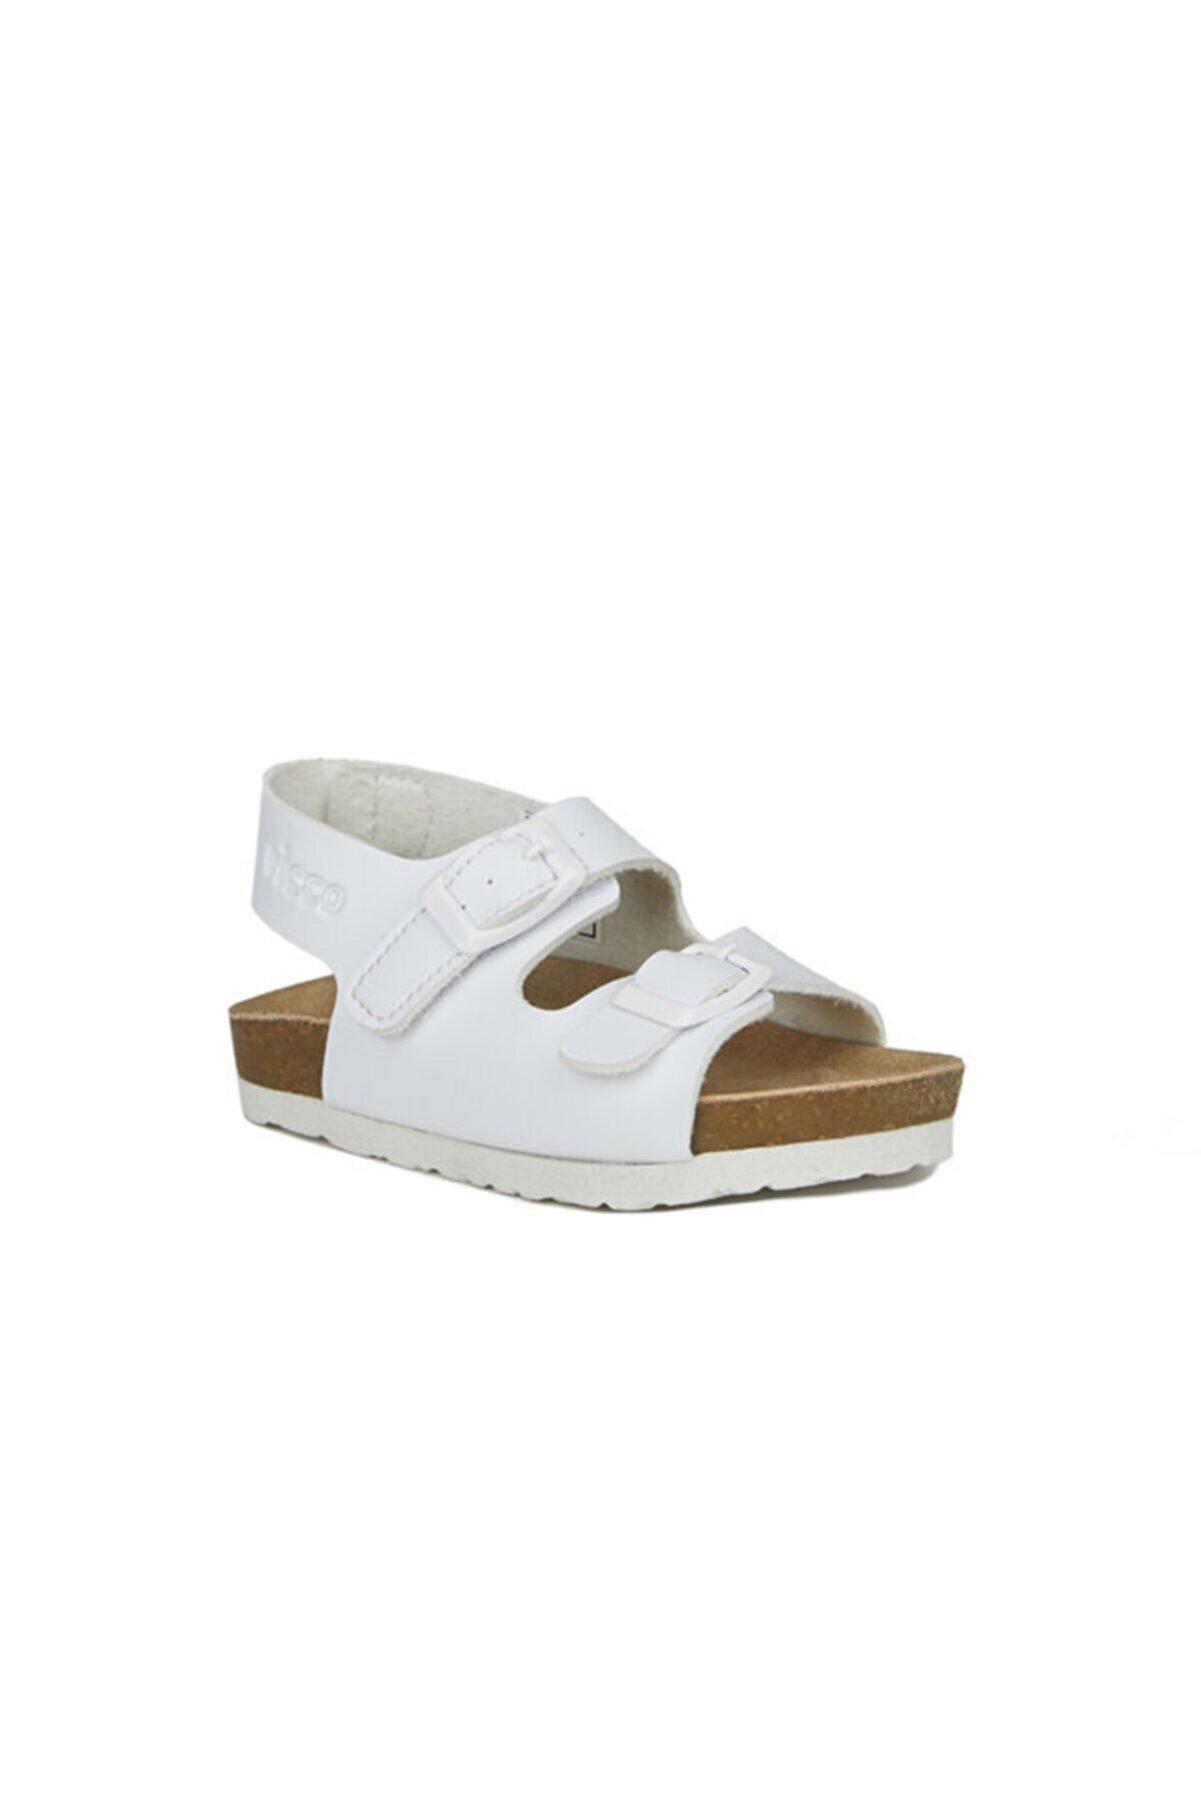 Vicco 321.b20y.360 Beyaz (22-25) Anatomik Çocuk Sandalet Ayakkabı